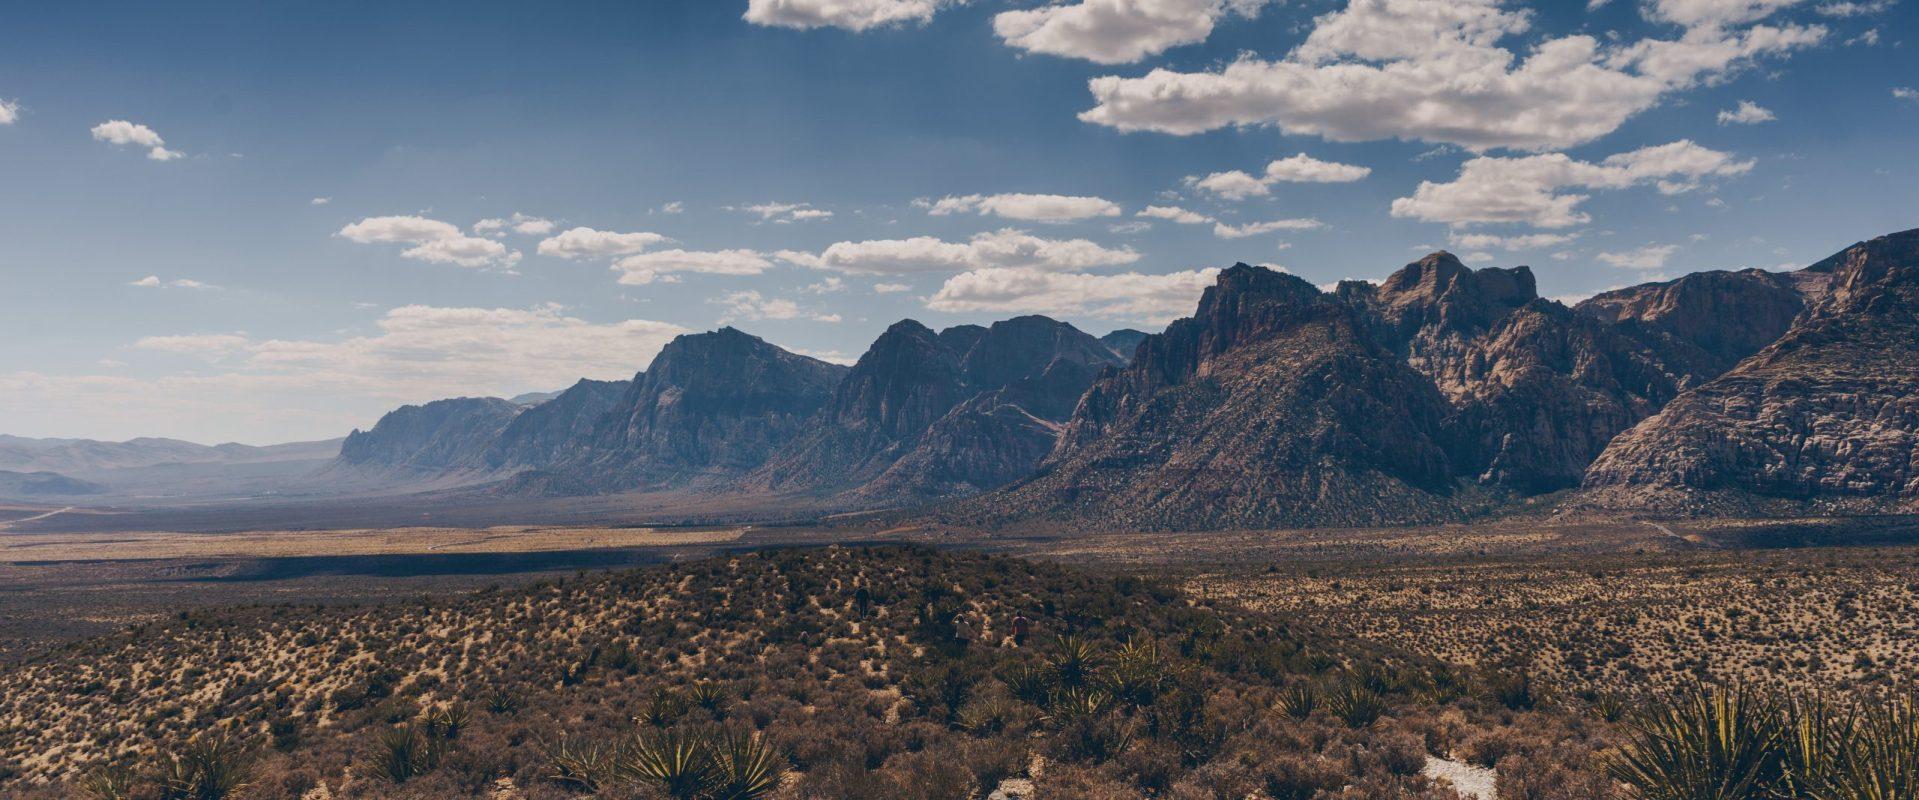 Red Rock Canyon near Las Vegas.